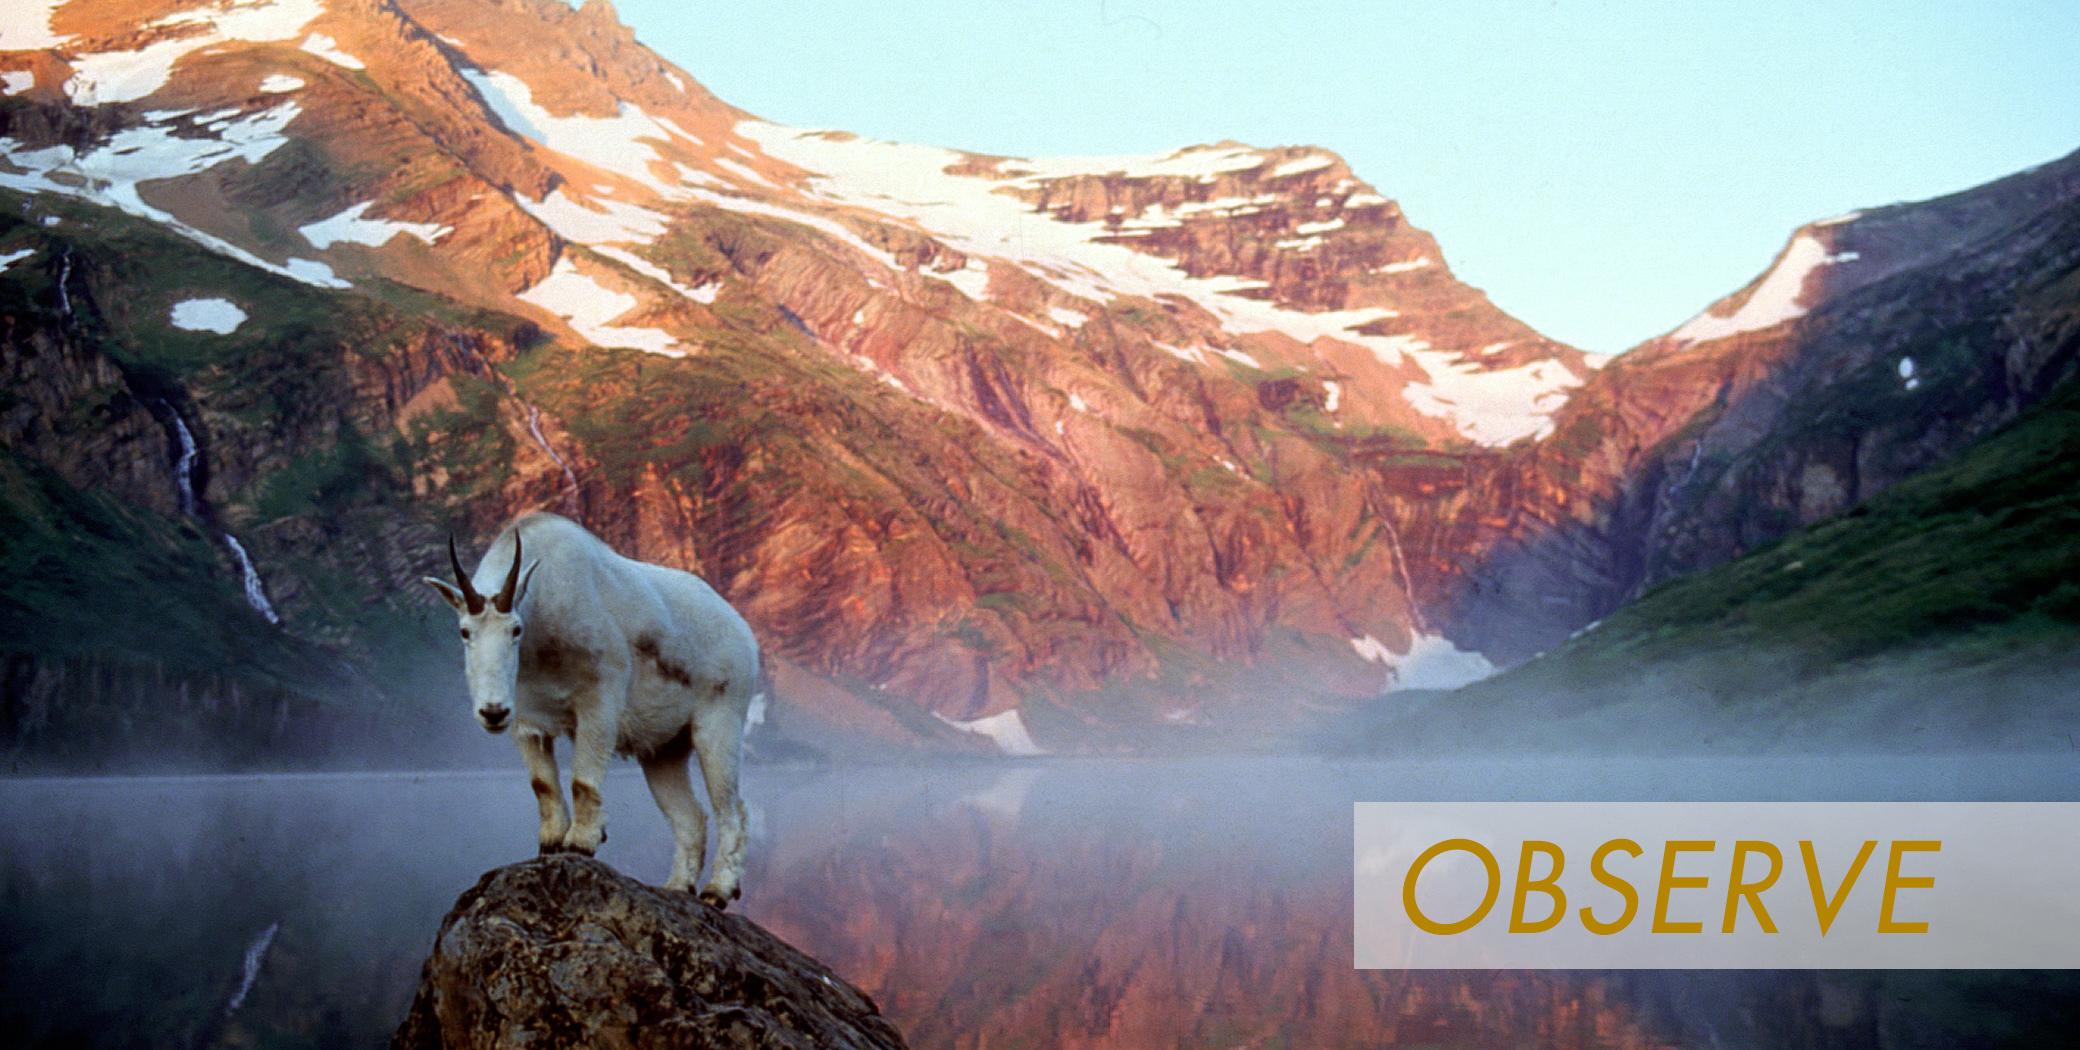 HP_Banner_Obsesrve.jpg